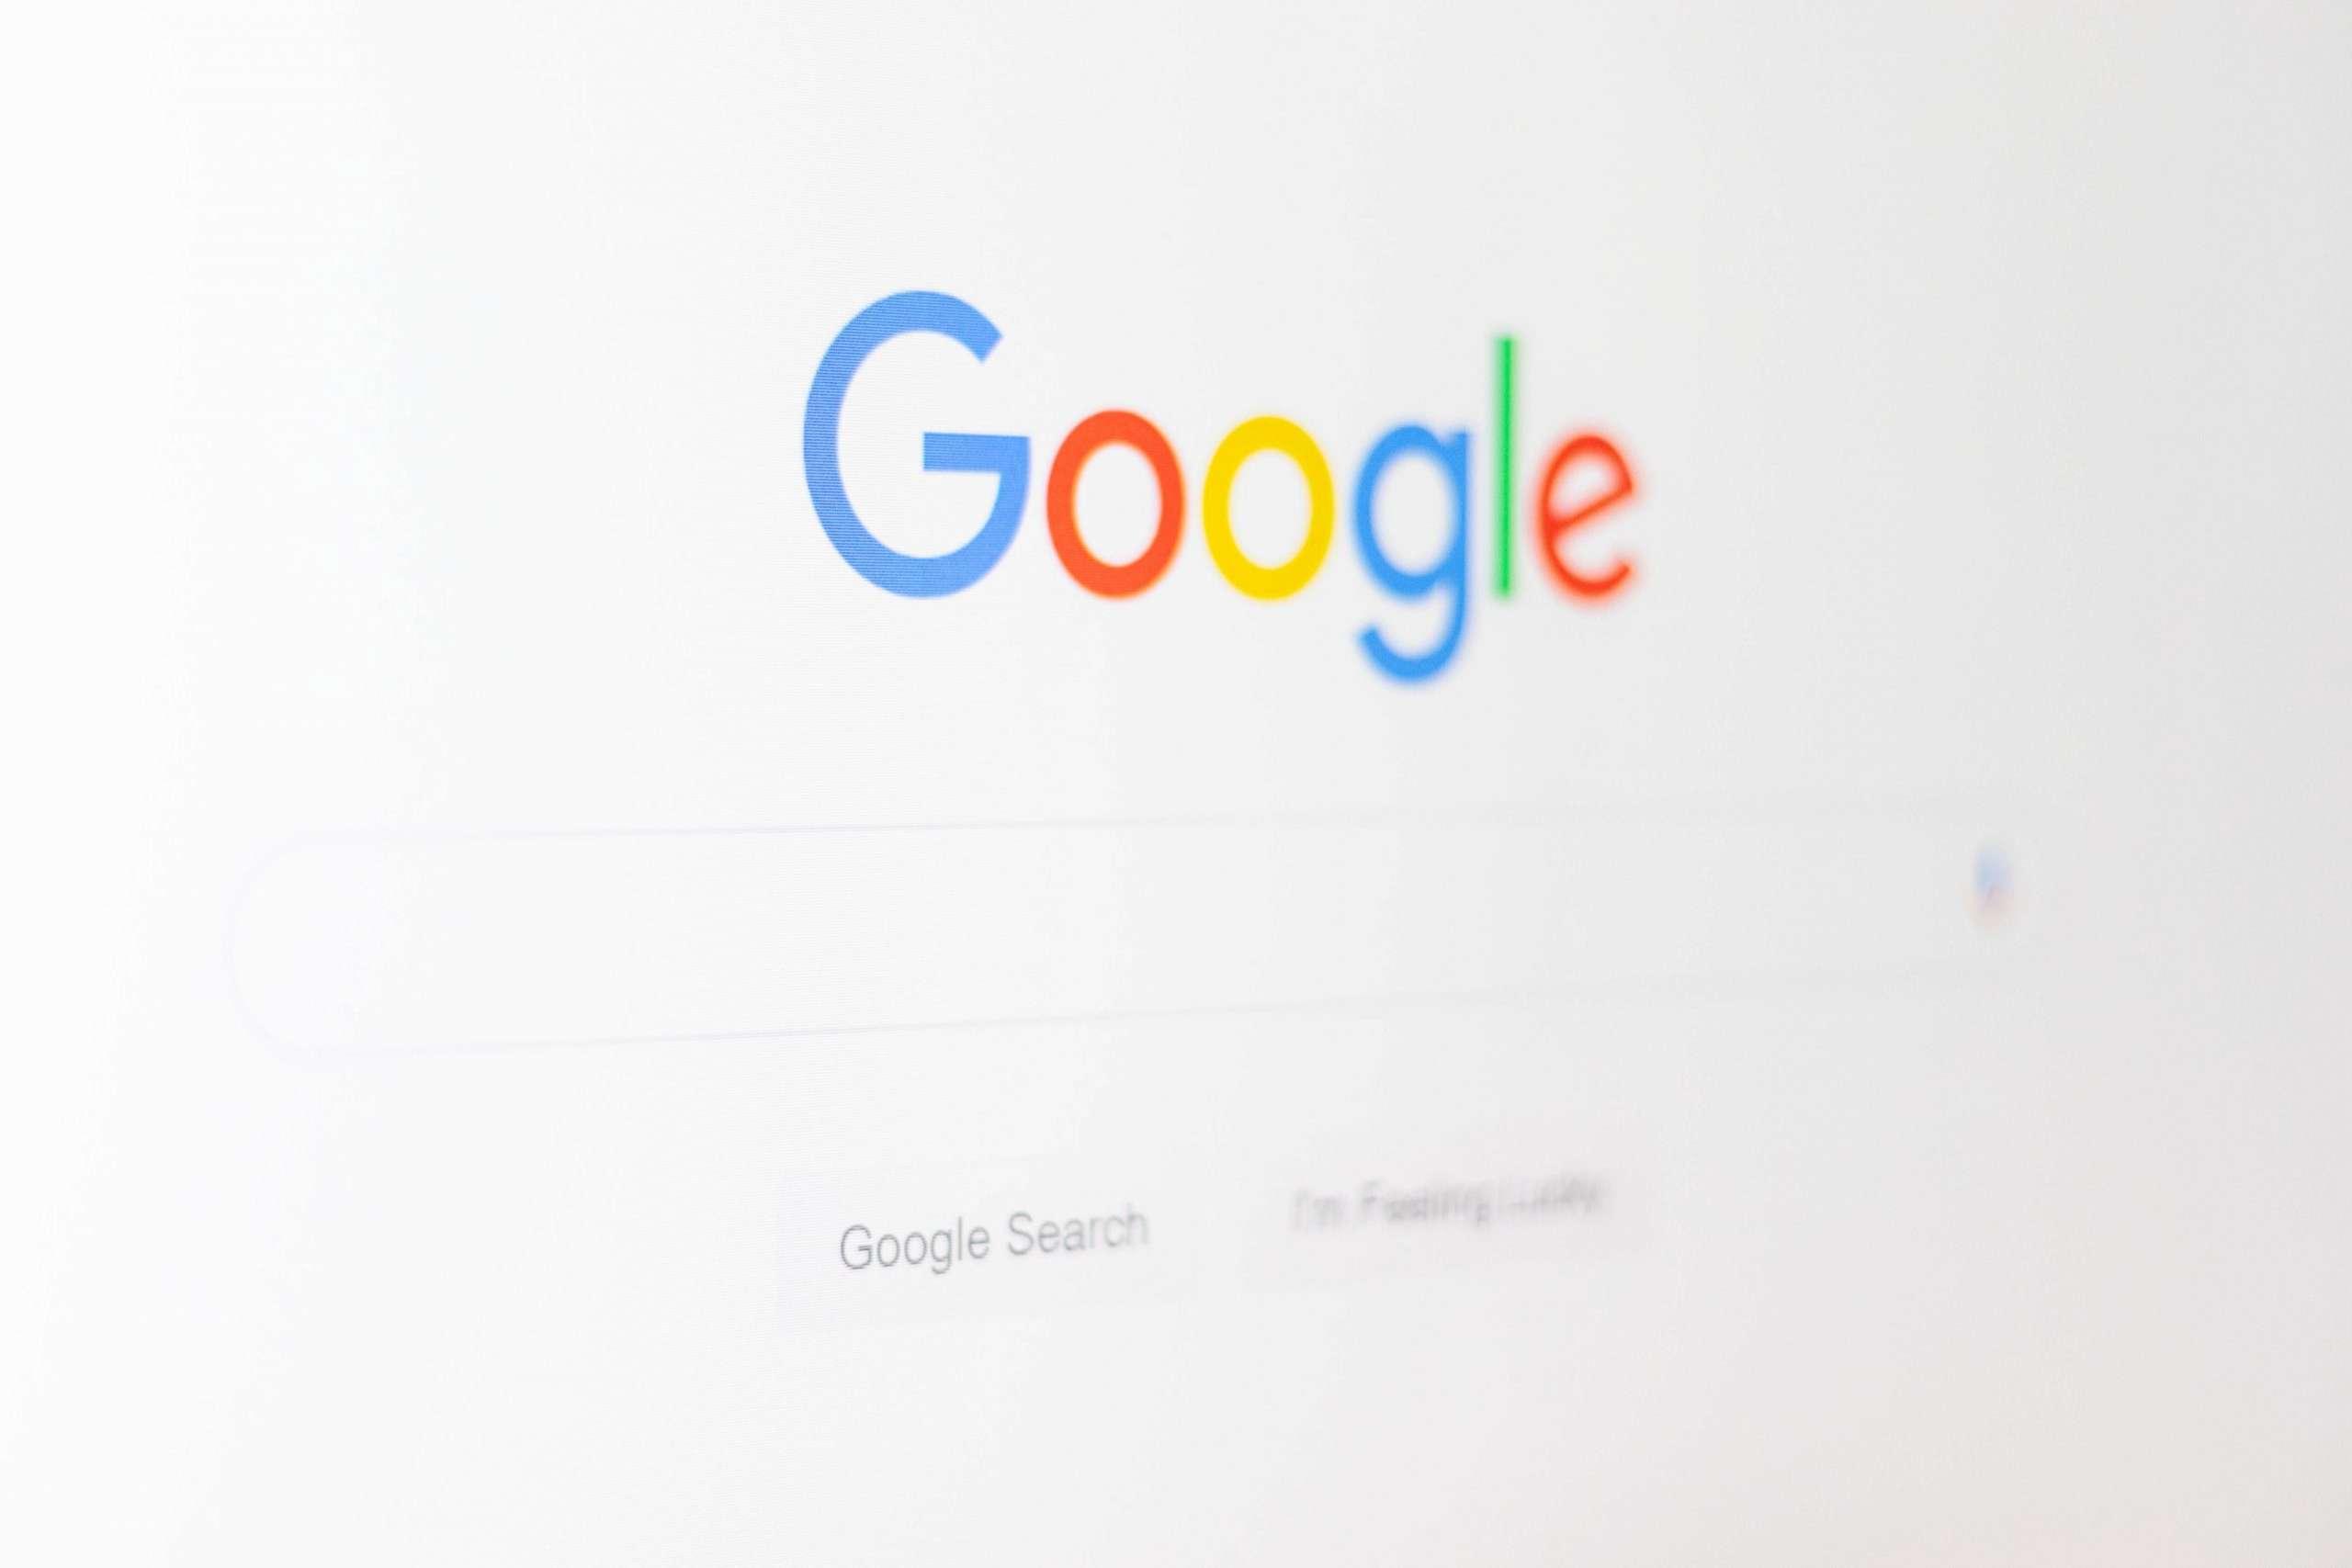 Planifier son contenu en fonction des tendances de recherche